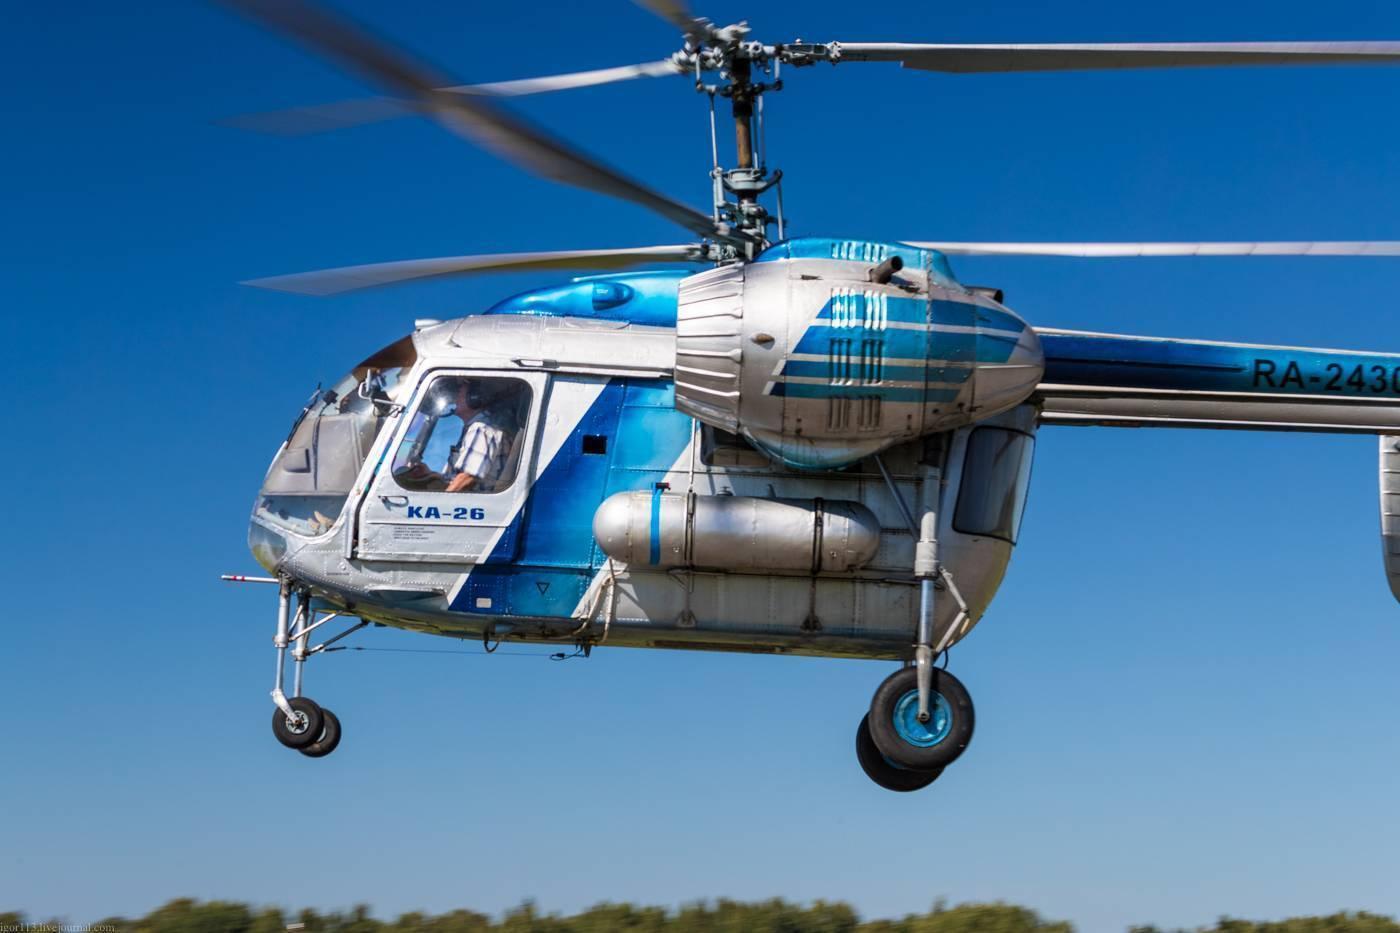 Вертолет Ка-26: история создания, описание и характеристики машины